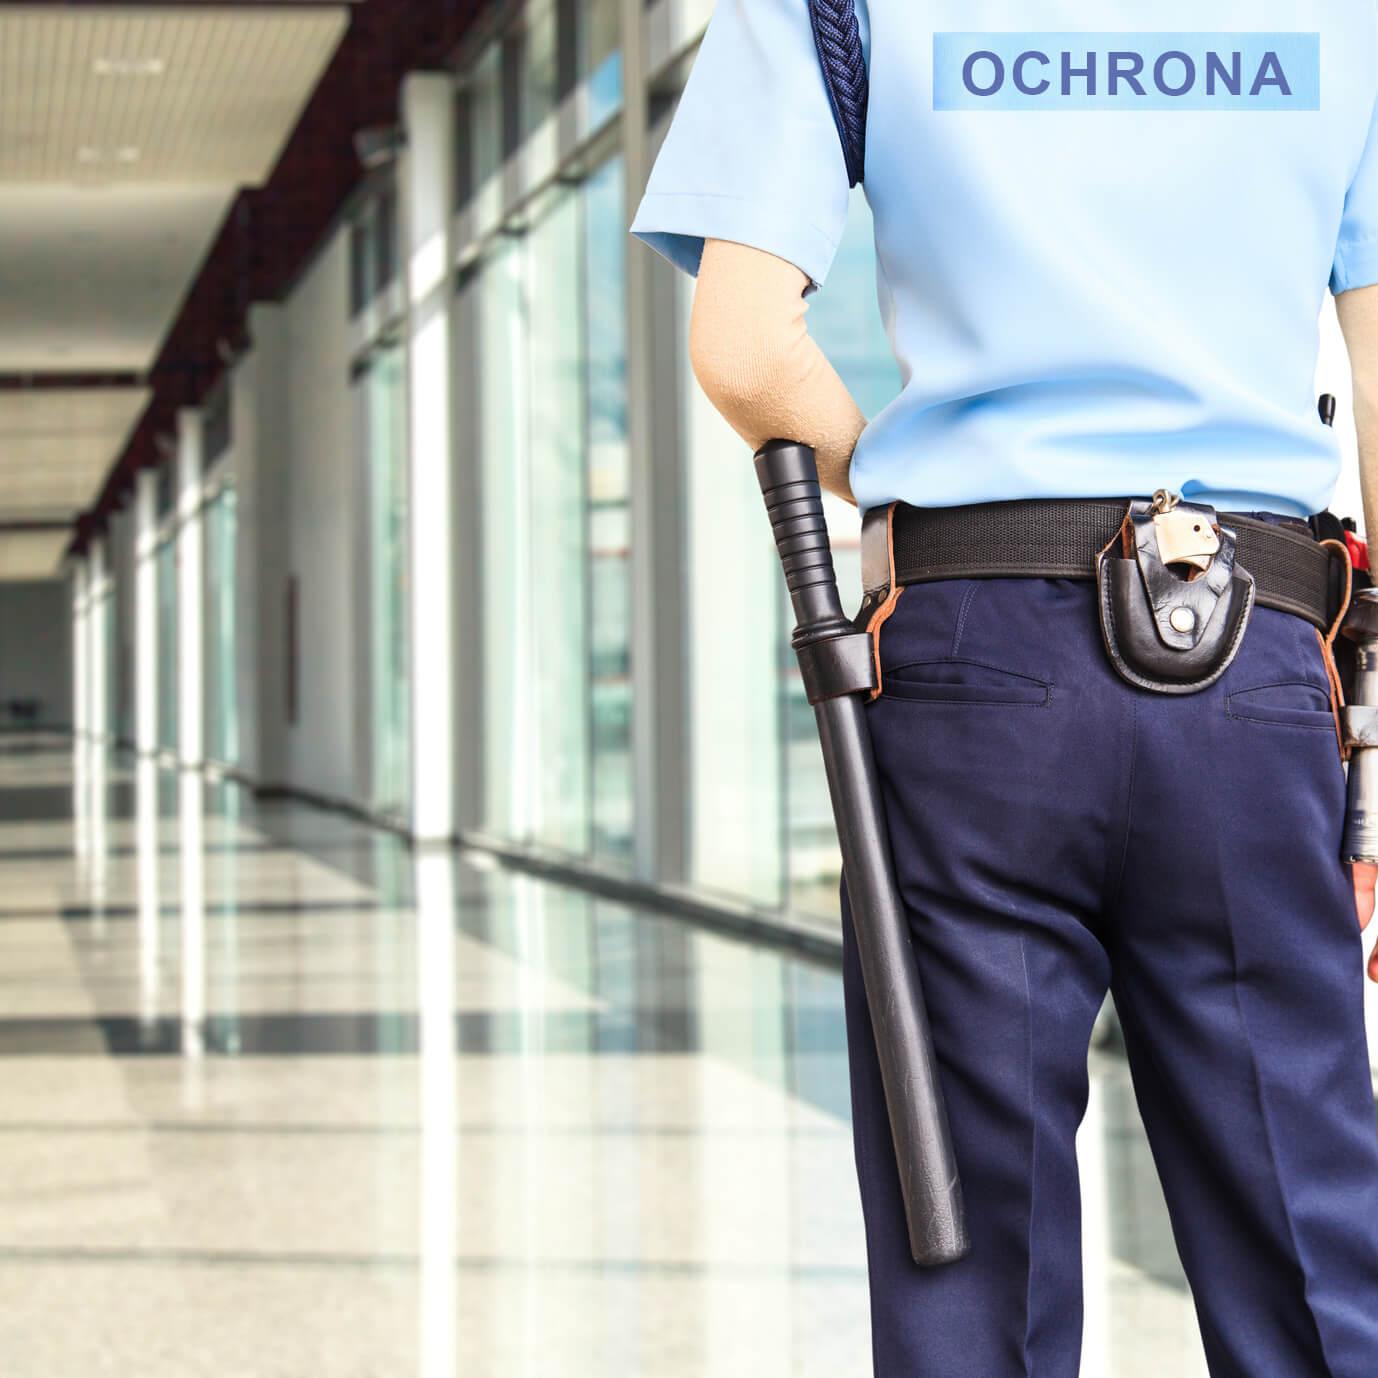 ubezpieczenie OC agencji ochrony